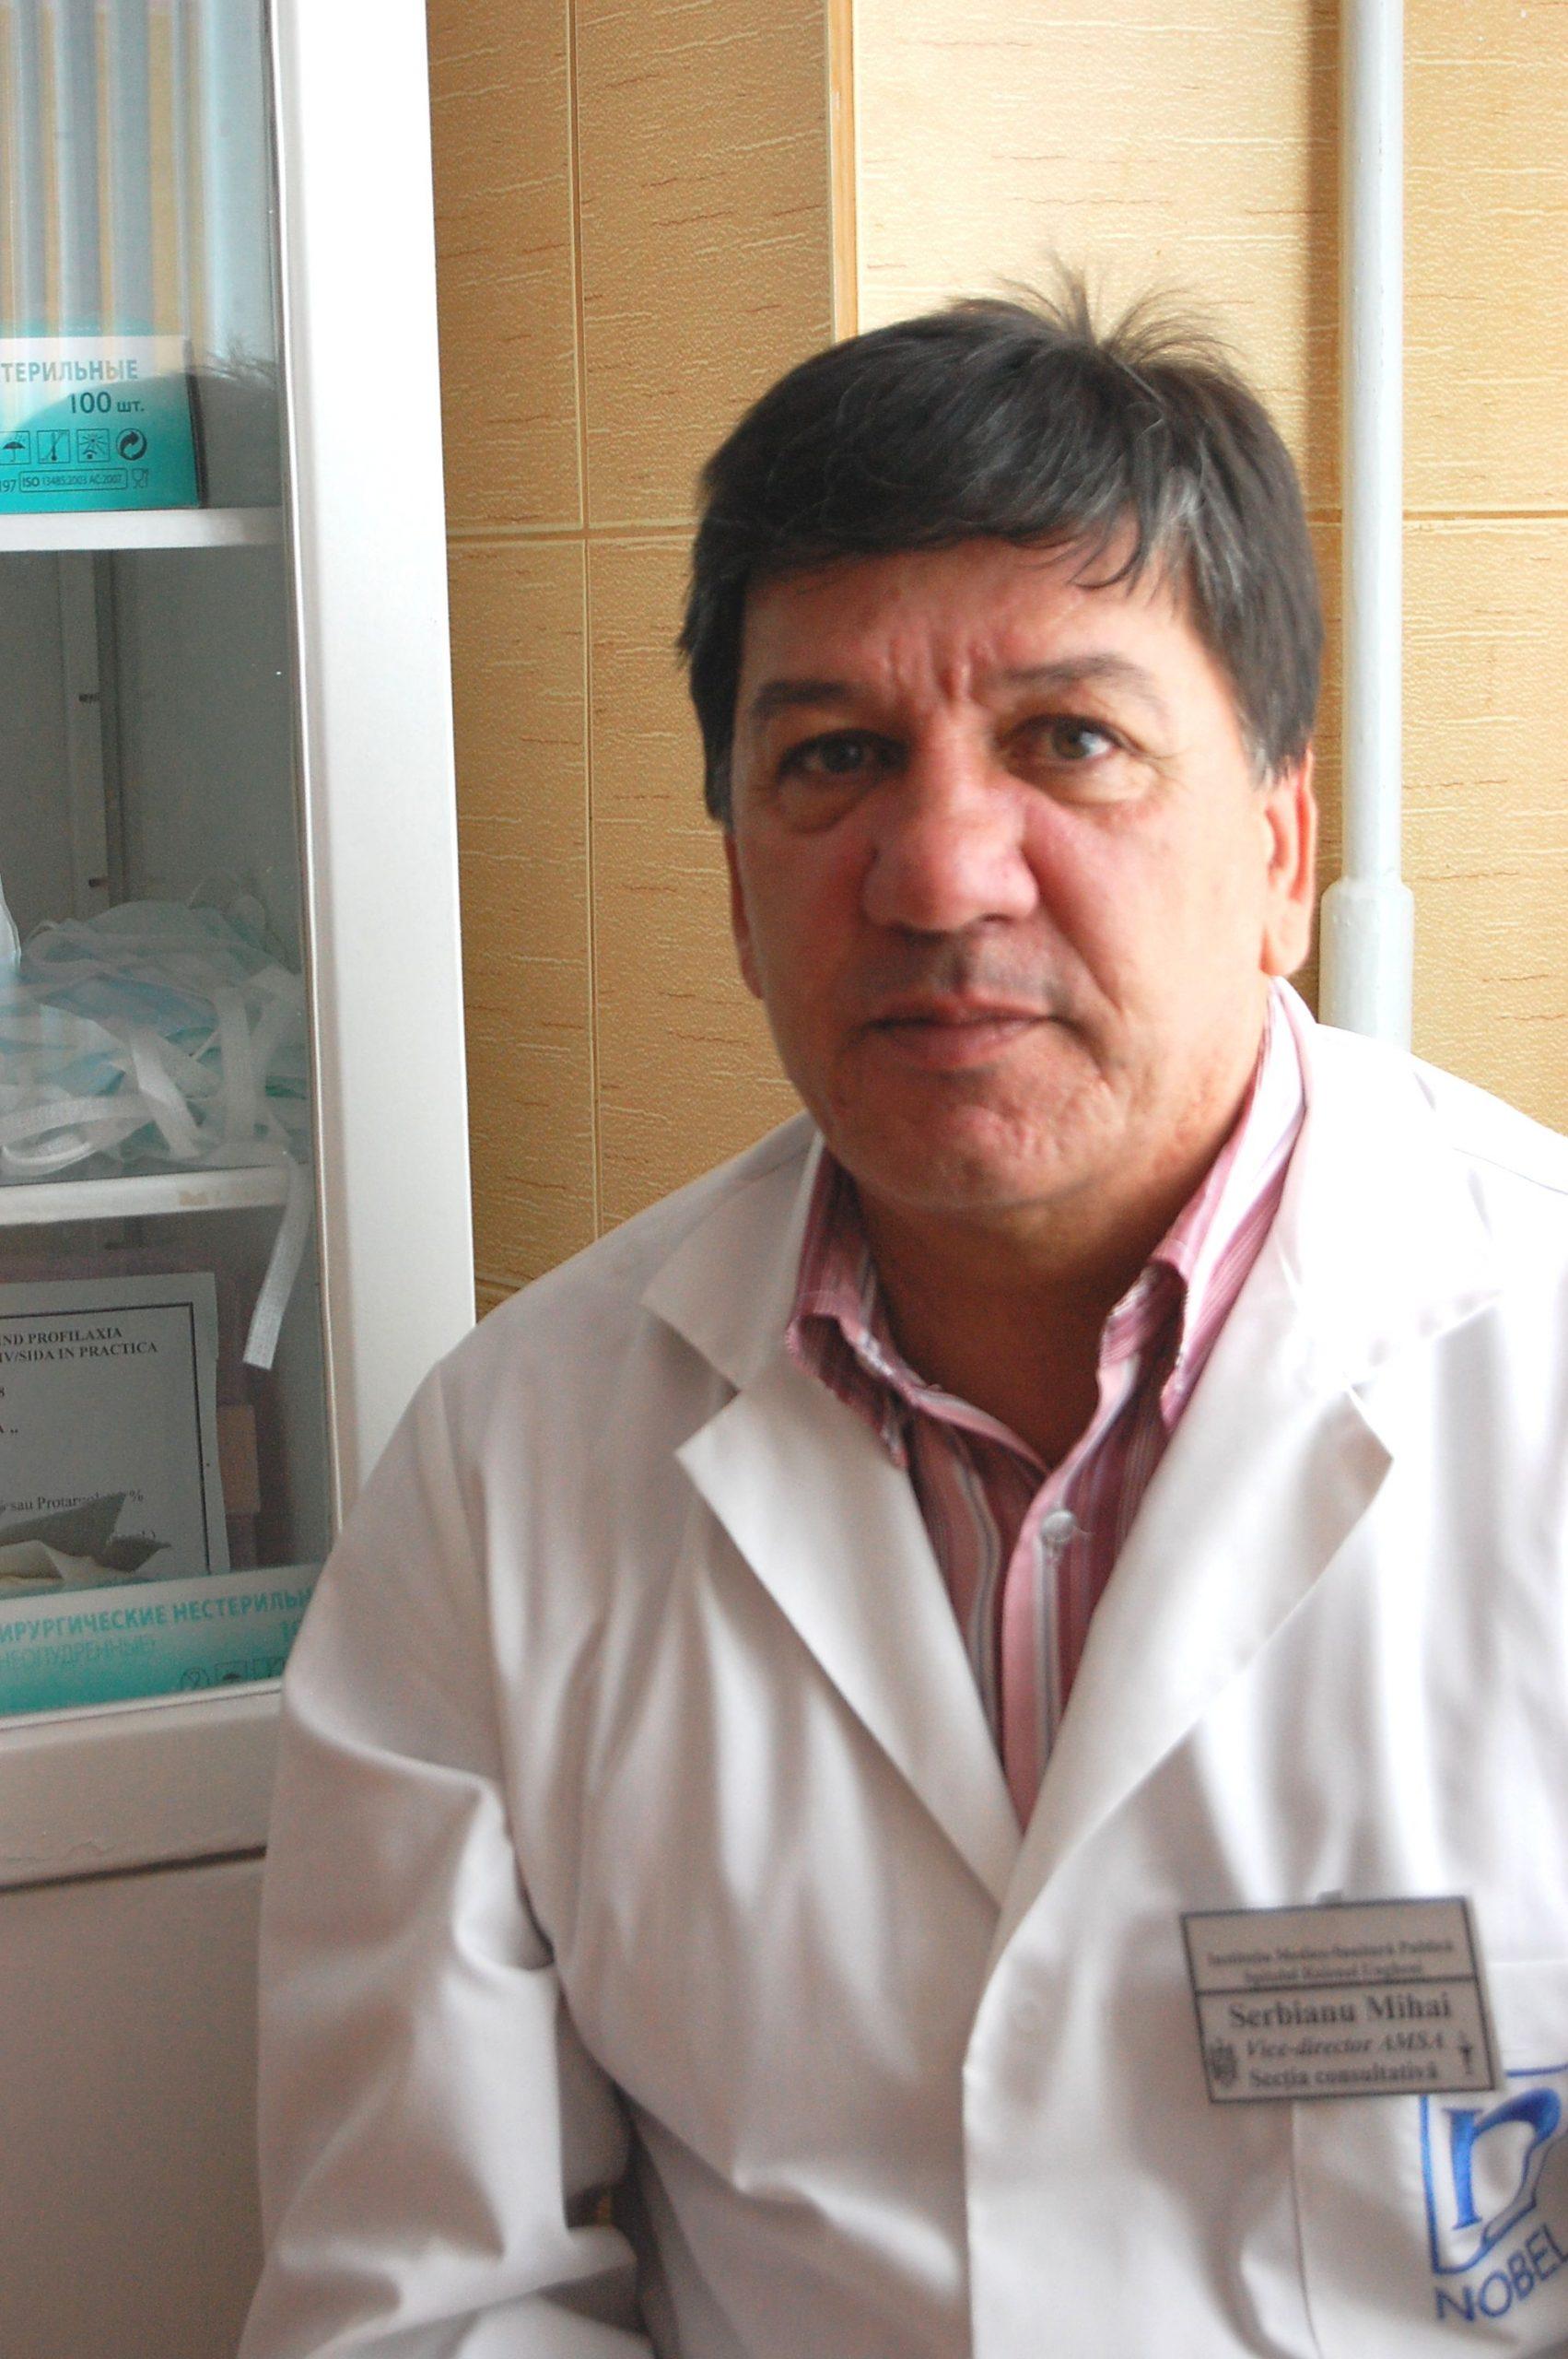 Mihai Serbianu